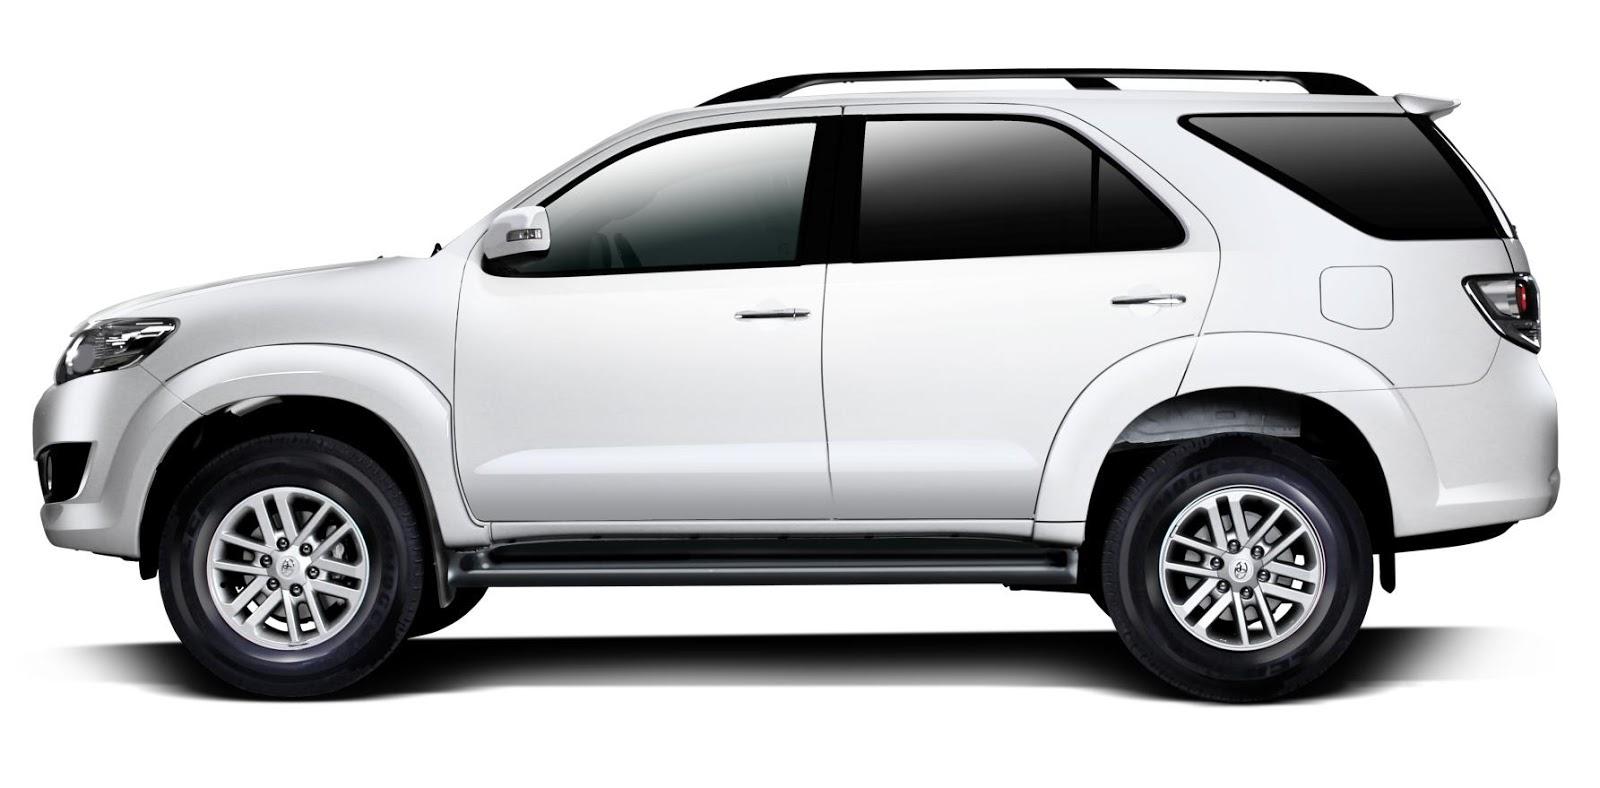 Fitur Grand New Veloz 1.3 Kamera Parkir Fortuner 2011 Dikta Toyota Informasi Produk Dan